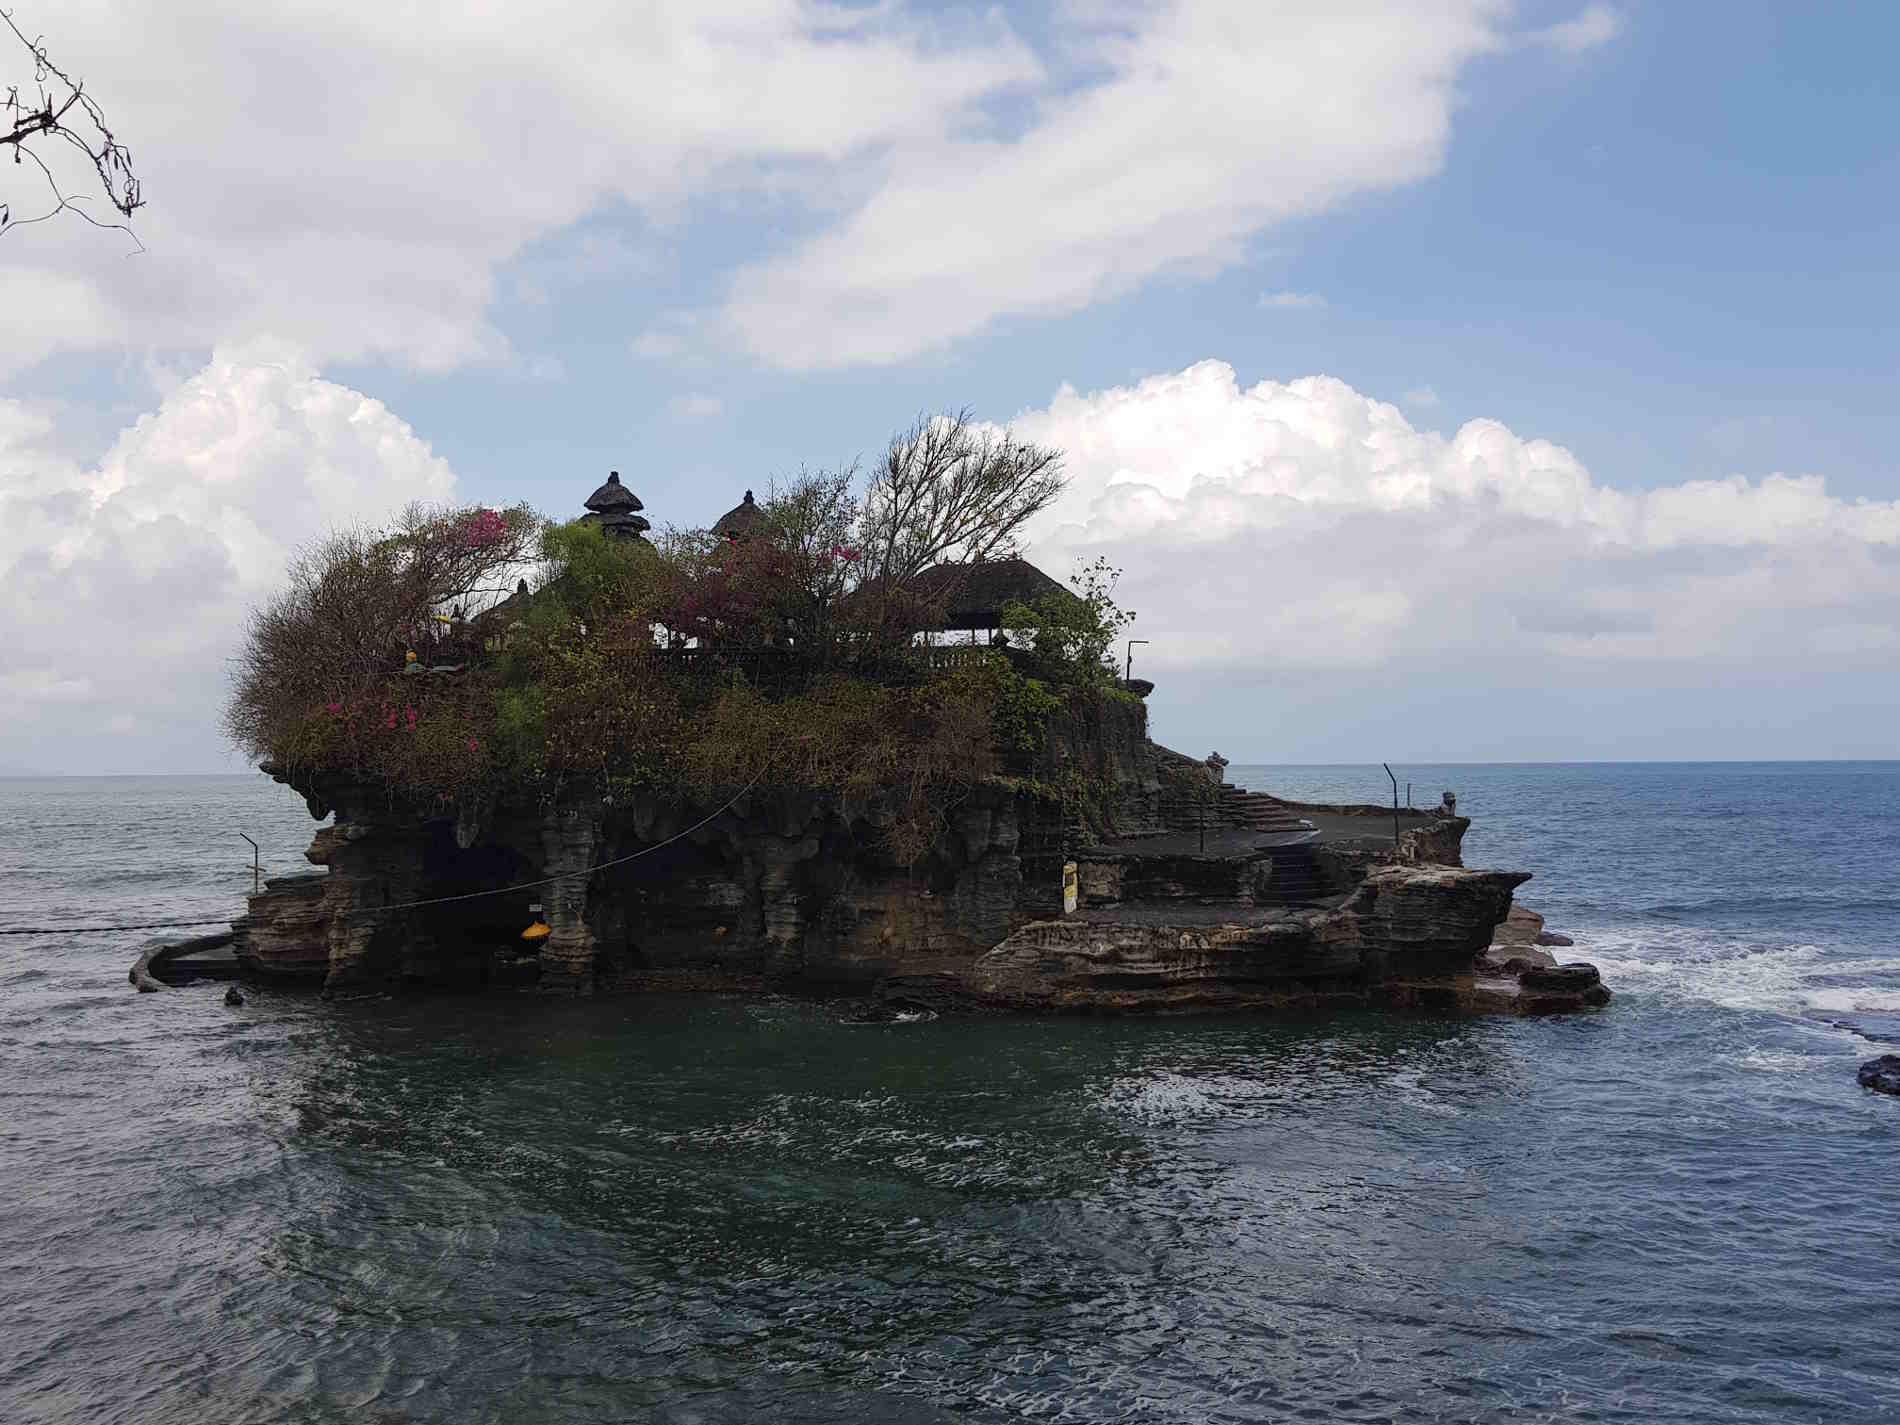 un Viaggio a Bali il Tempio sul mare di Tanah Lot